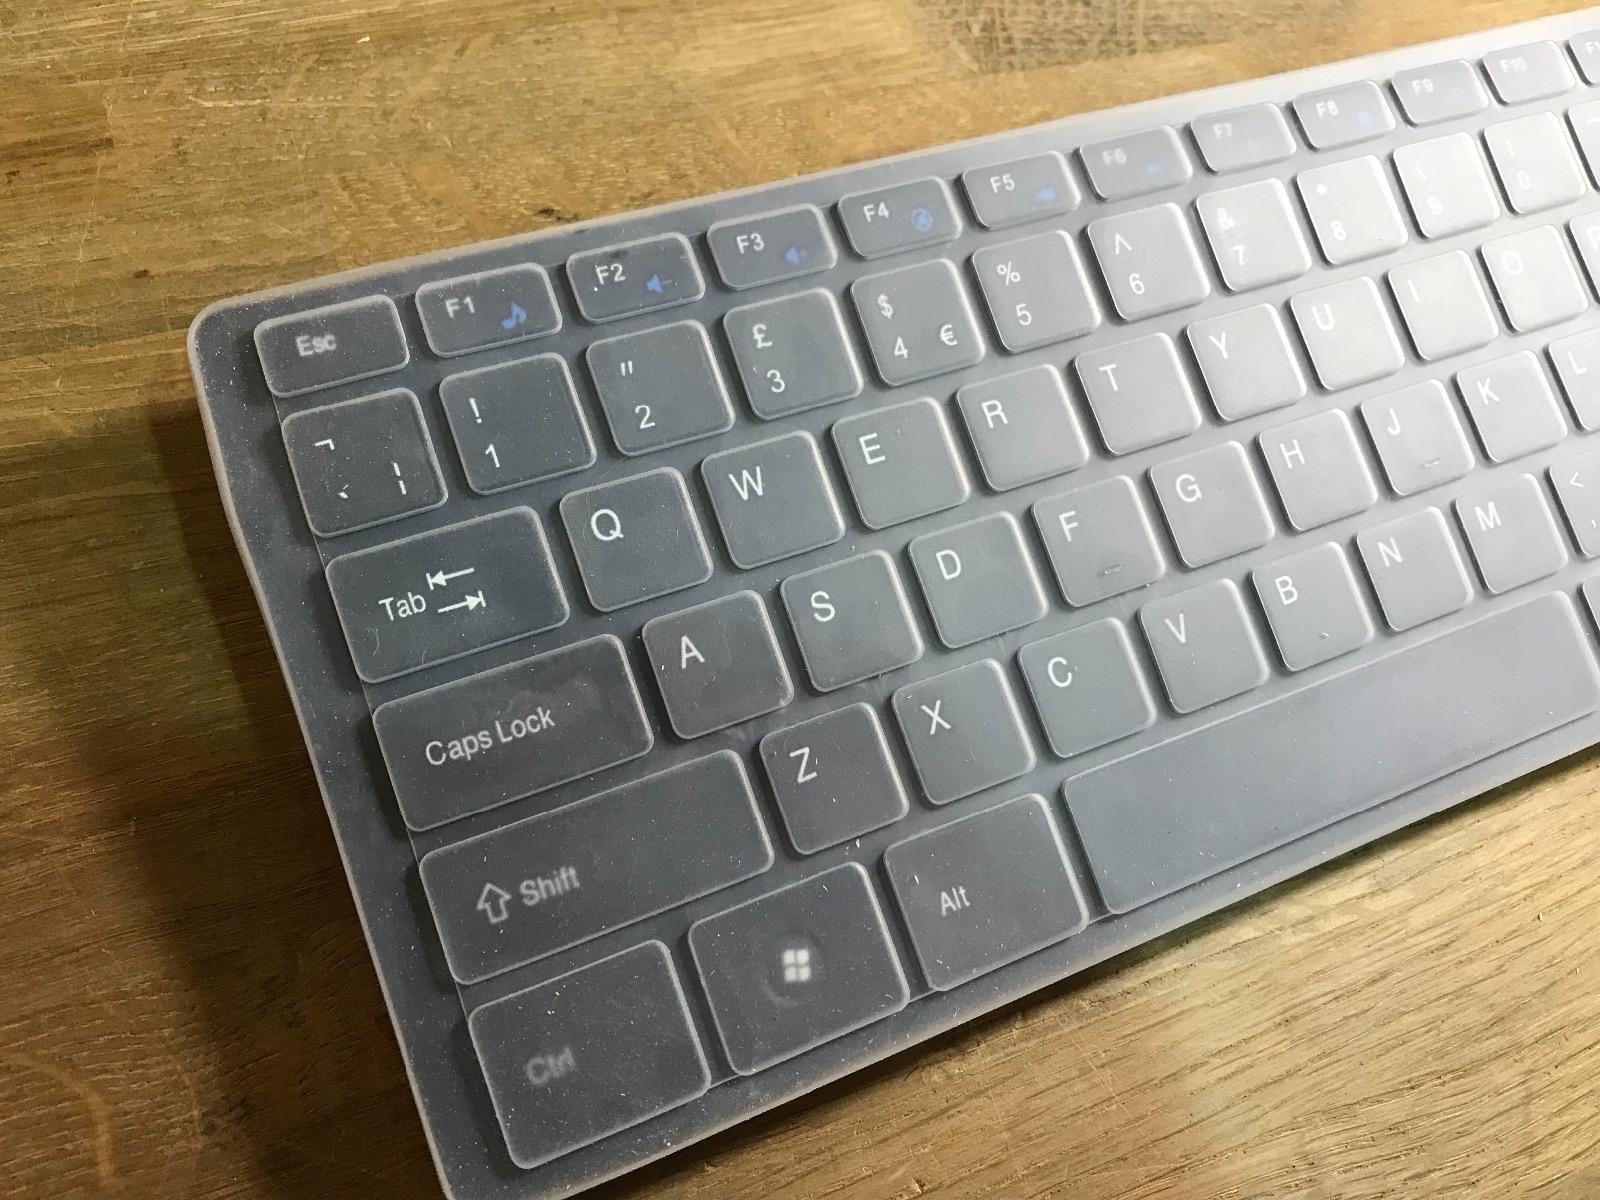 Teclado inalámbrico Blanco + Alfombrilla de números y ratón para Toshiba 46TL938 3D LED Smart TV: Amazon.es: Electrónica